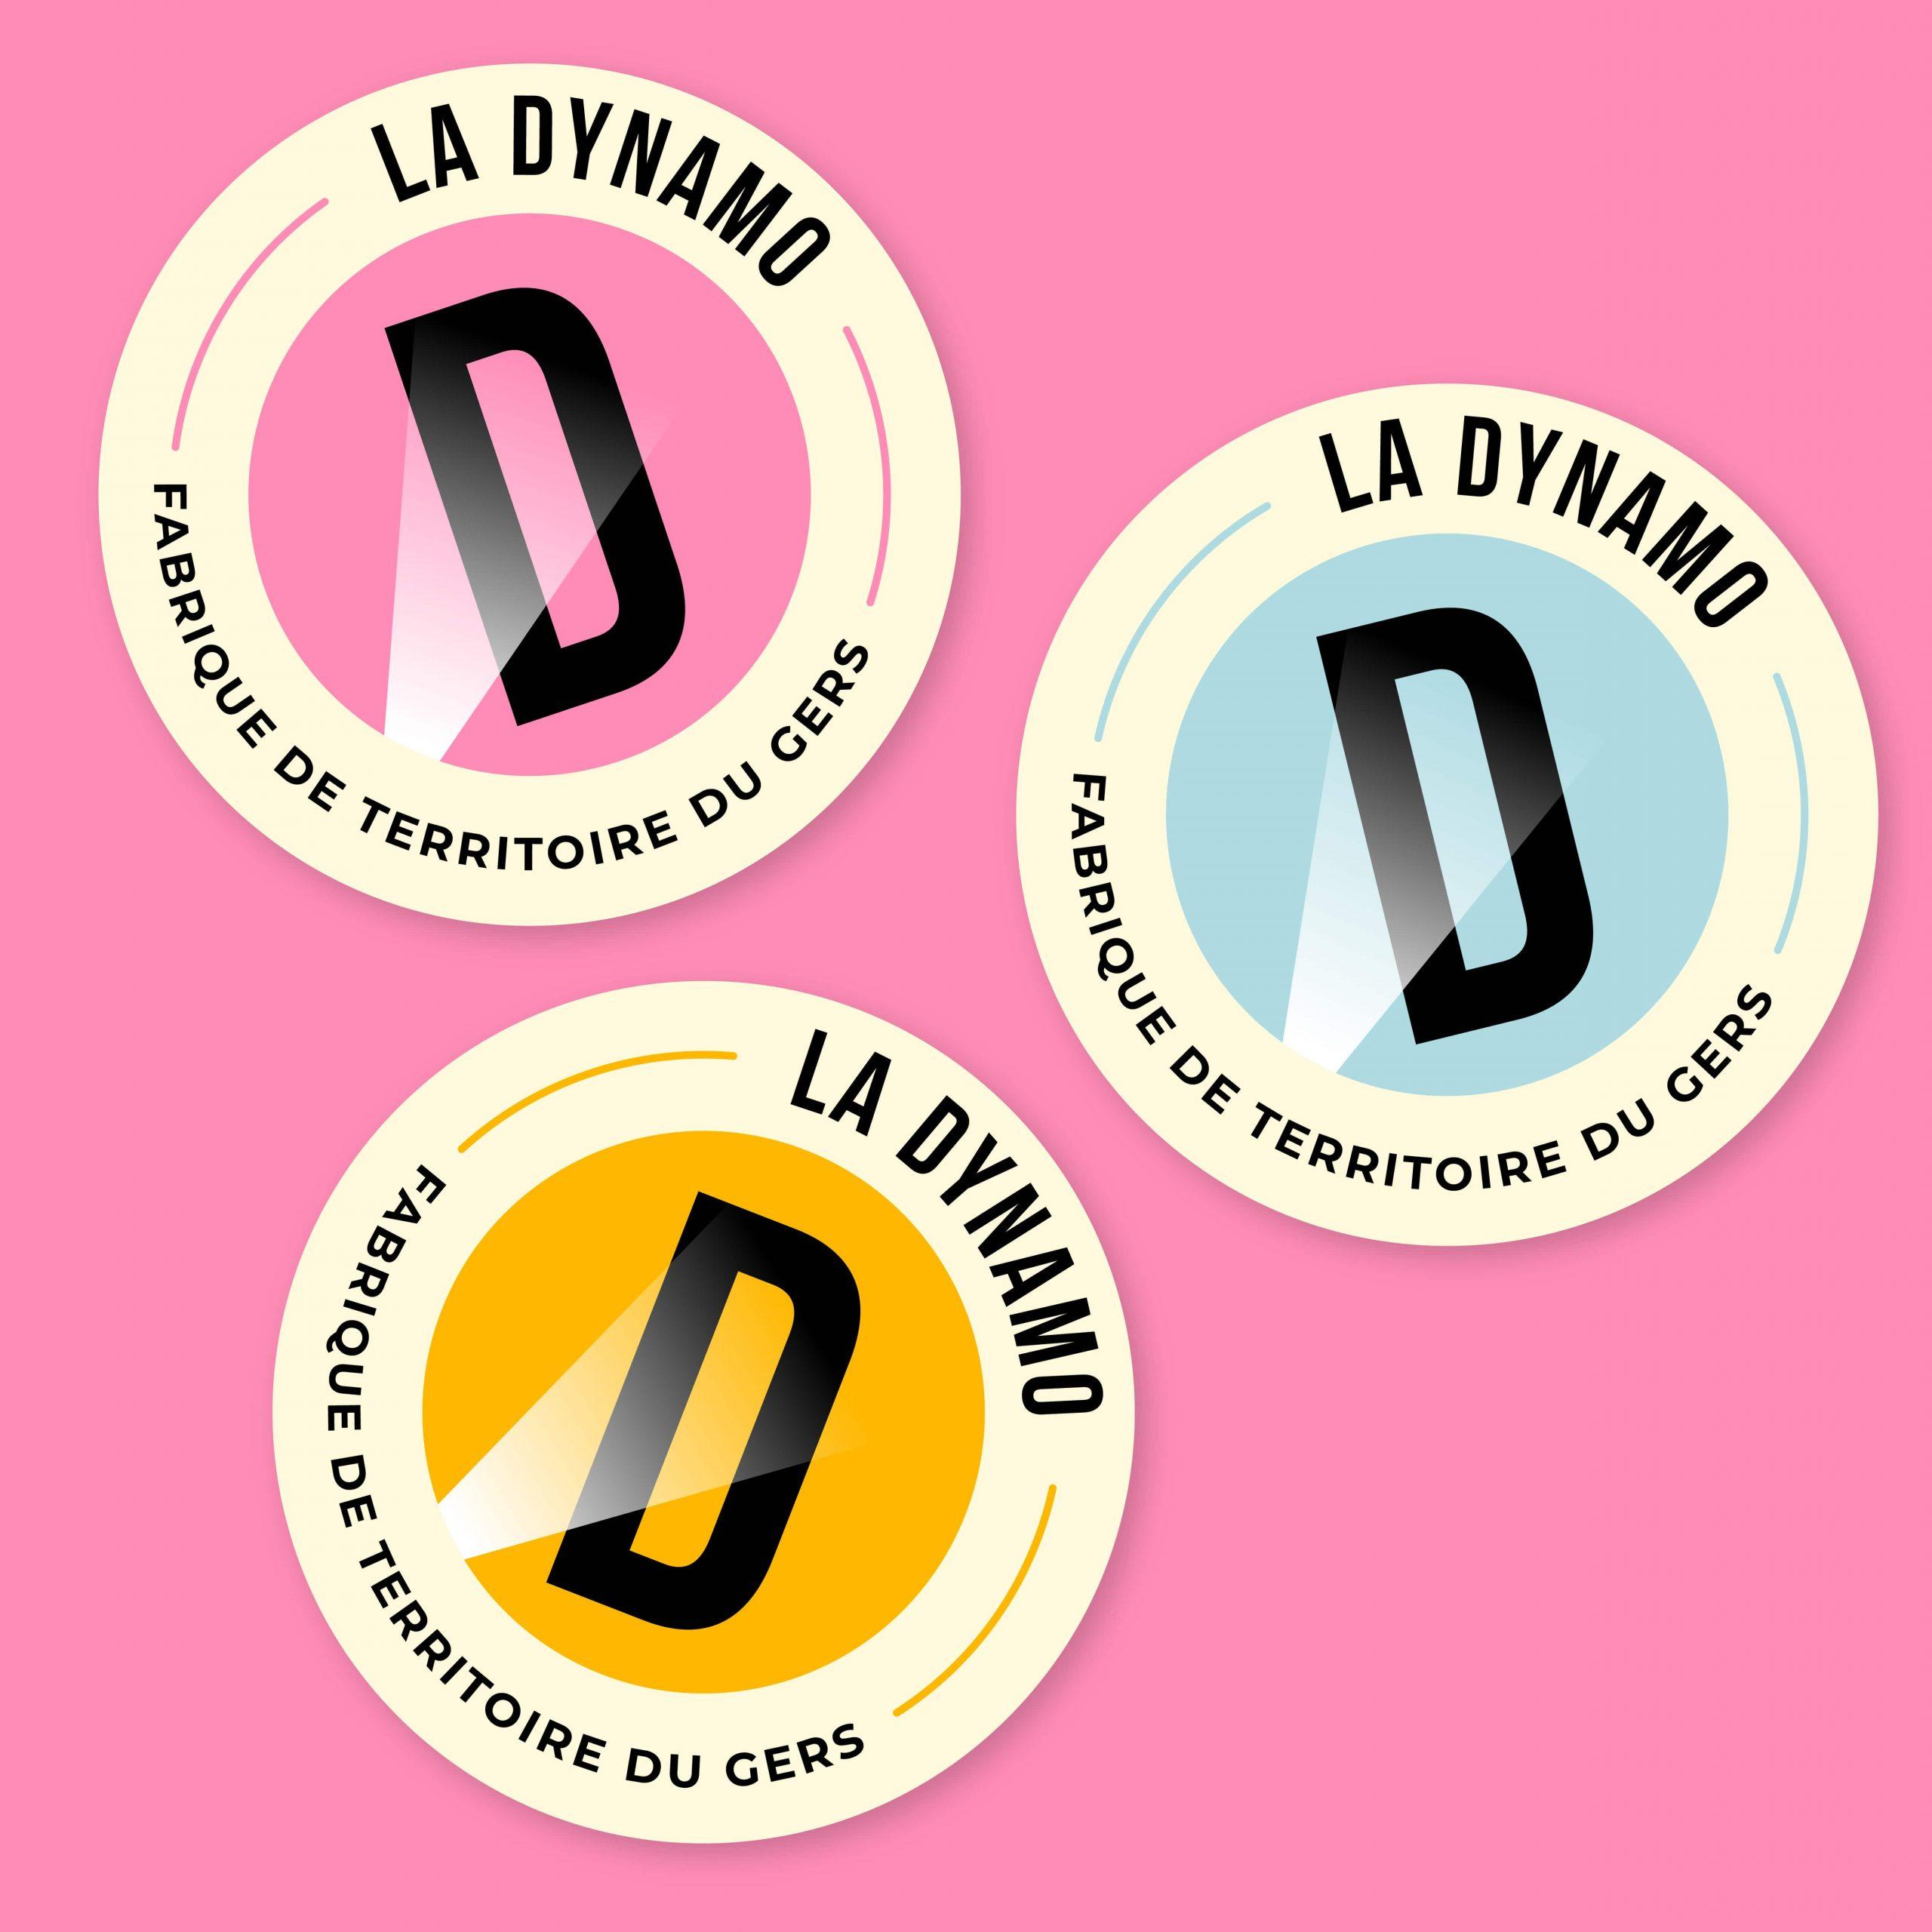 la dynamo tiers lieu fablabs gers auch identité visuelle logotype barreau